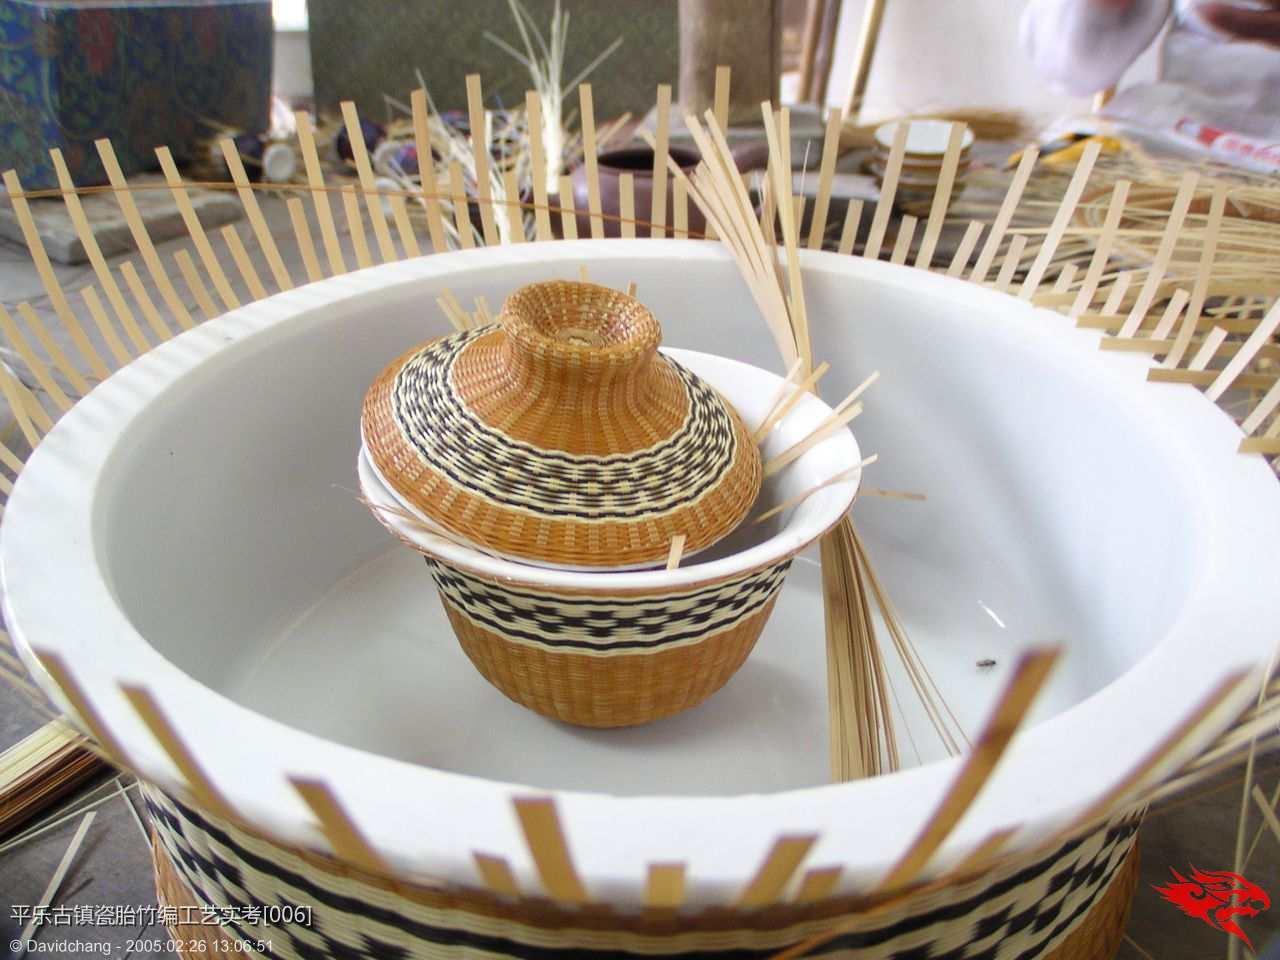 中国文化旅游网平乐古镇瓷胎竹编实考